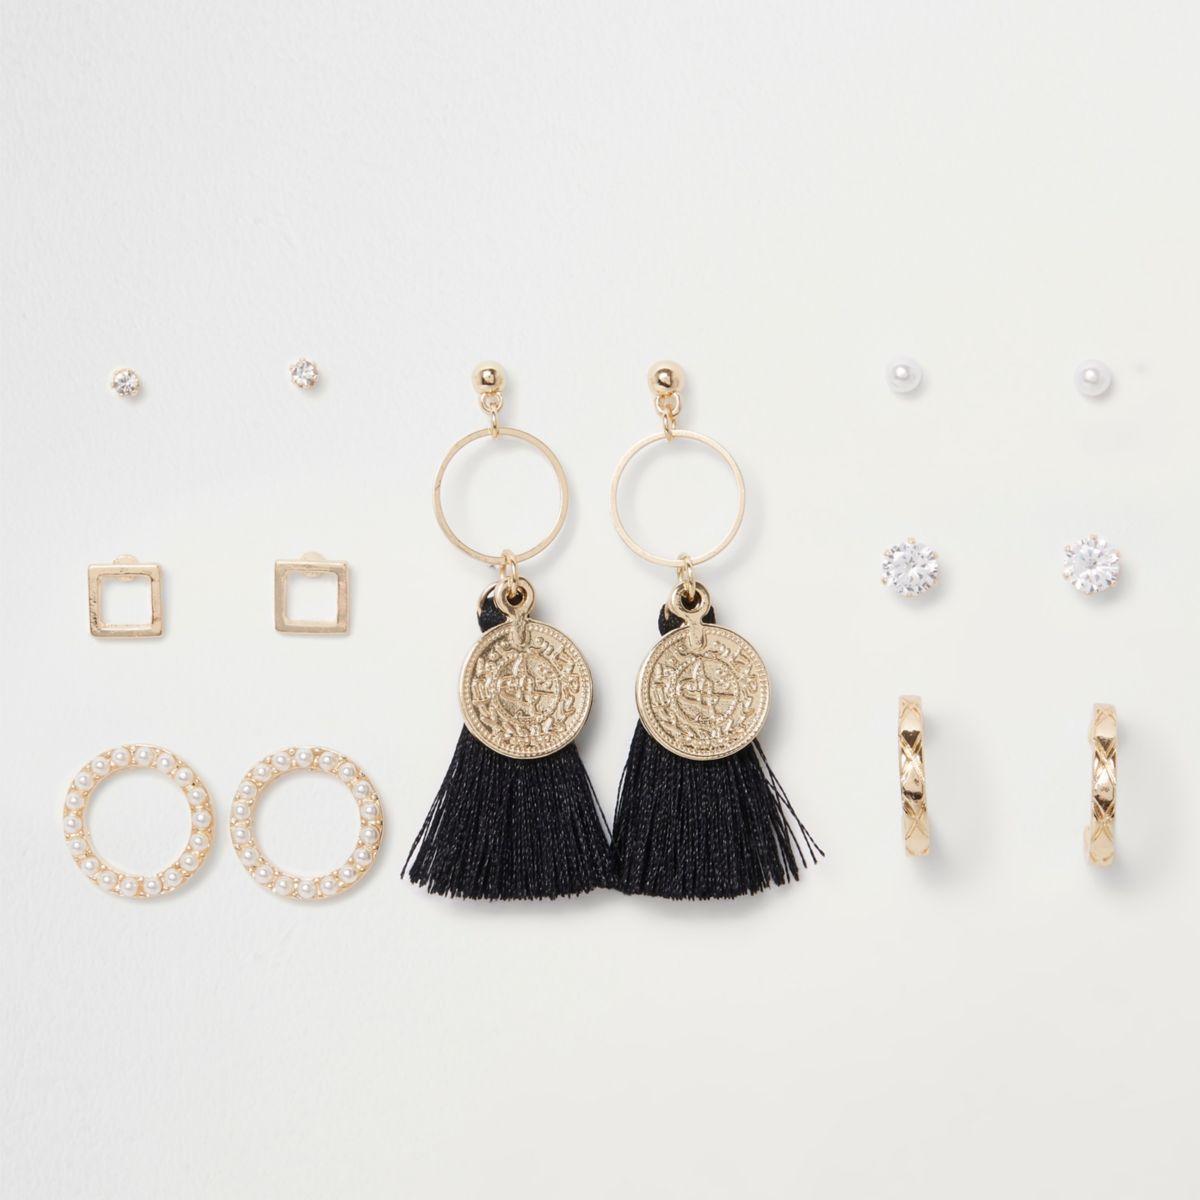 Gold tone coin tassel hoop earrings pack